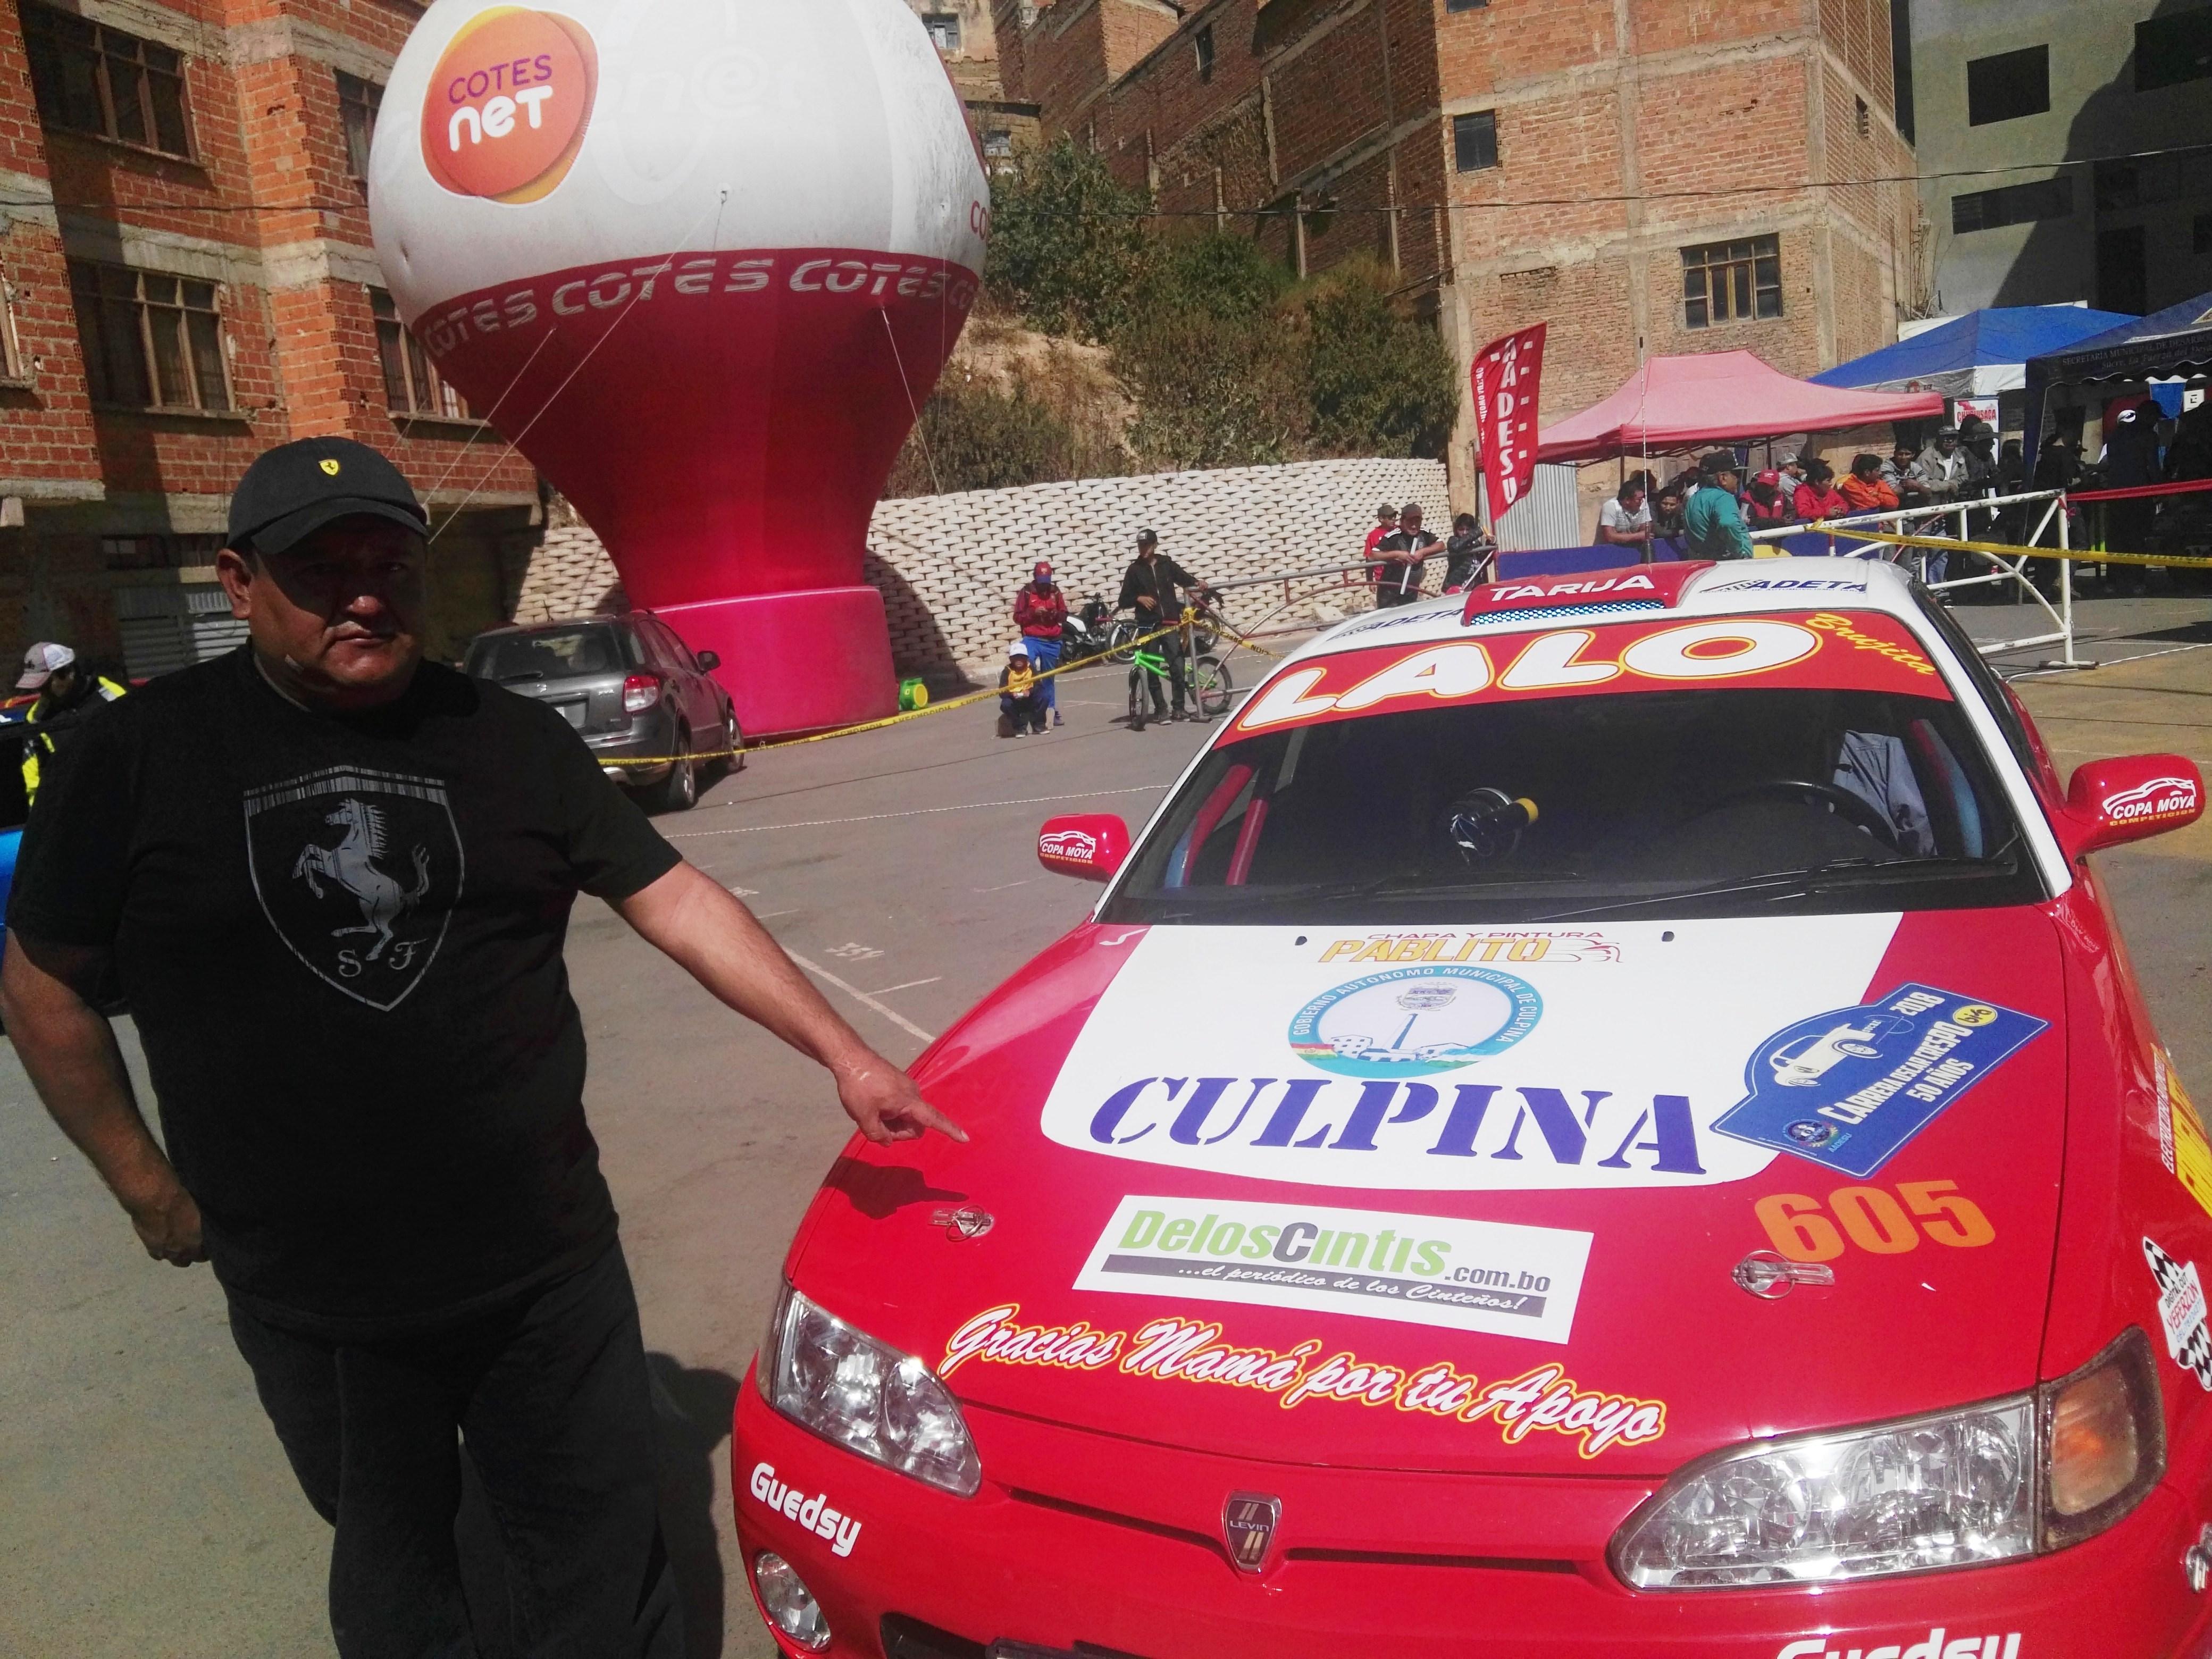 Lalo Padilla corre representando a Culpina y al diario De los Cintis